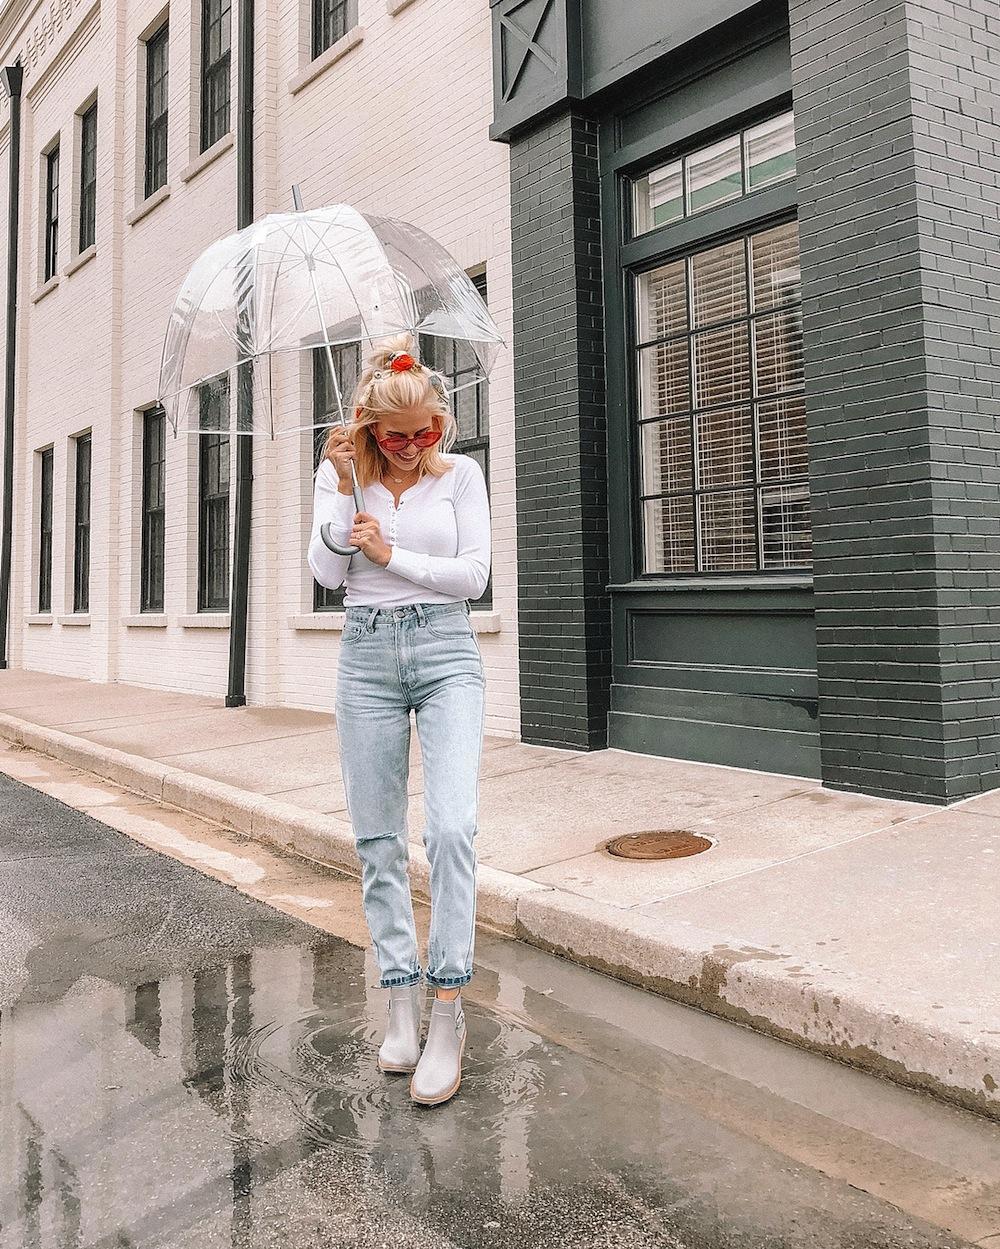 bảo quản quần áo mùa mưa cô gái cầm ô đứng dưới mưa - feature